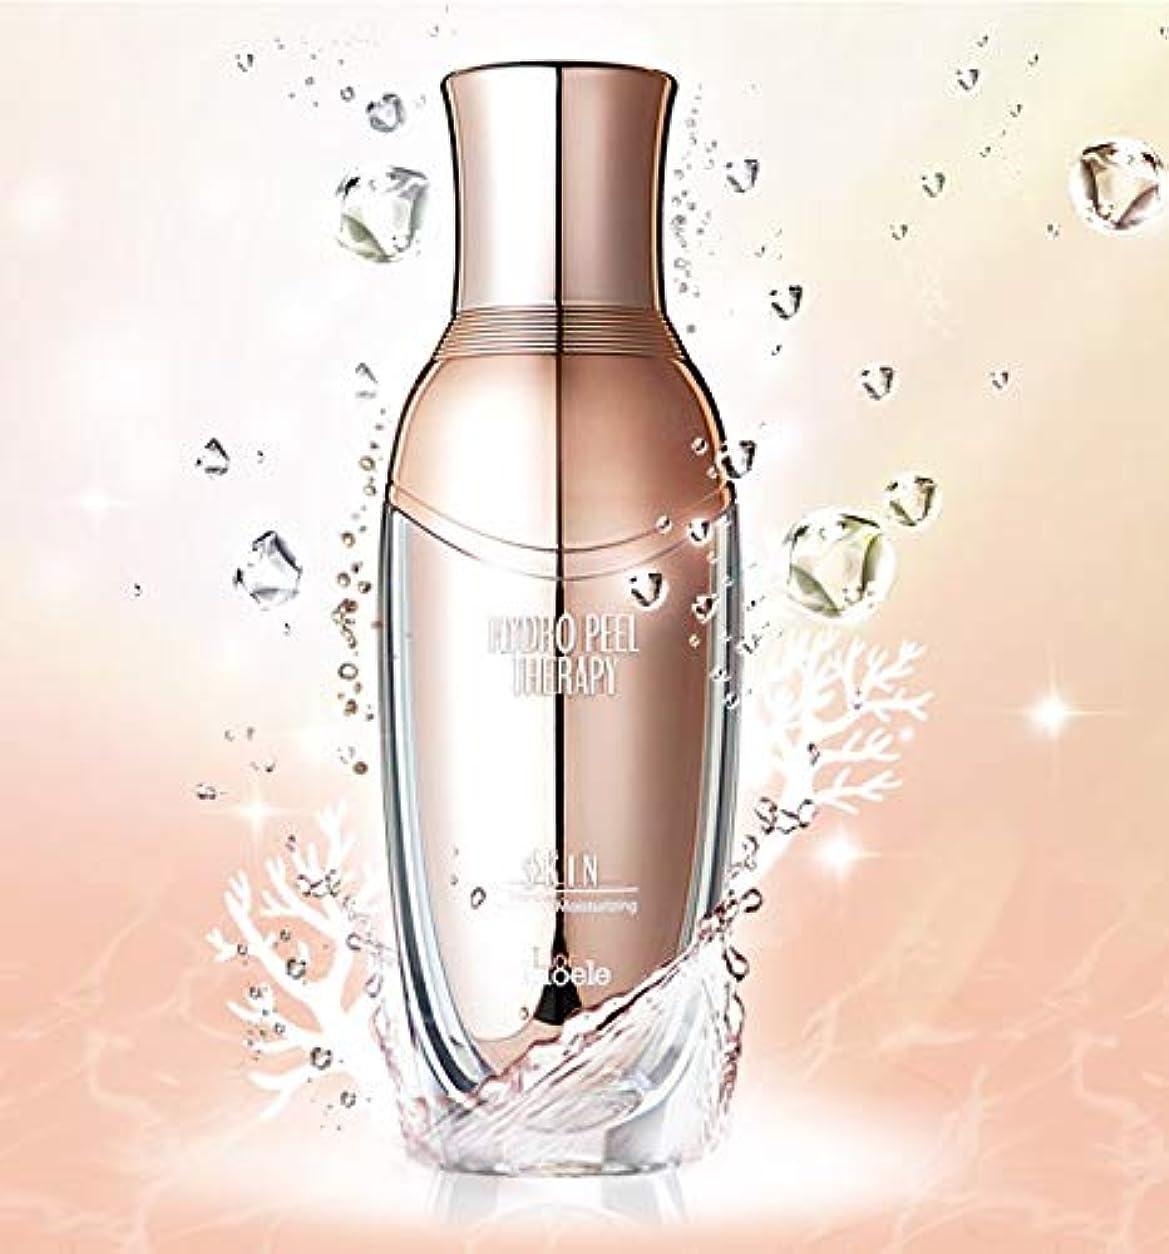 忠実ただシンクLioele (リオエリ) ハイドロ ピール テラピー スキン / 海洋深層水の豊富なミネラルでしっとり溶け込むスキン / Hydro Peel Therapy Skin (120ml) [並行輸入品]